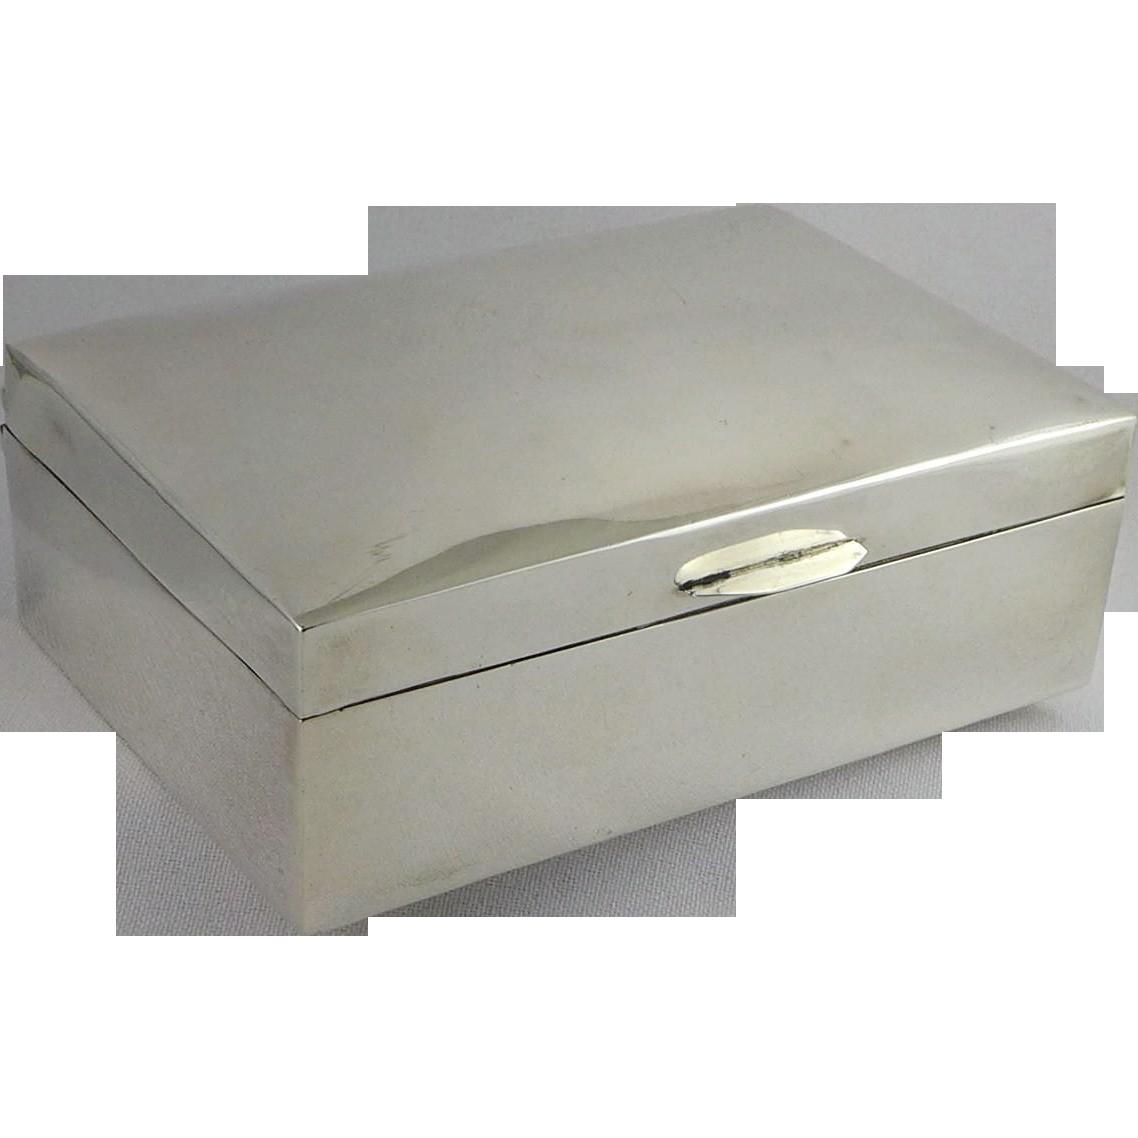 Sanborns of Mexico Sterling Silver Cigarette Box - Heavy